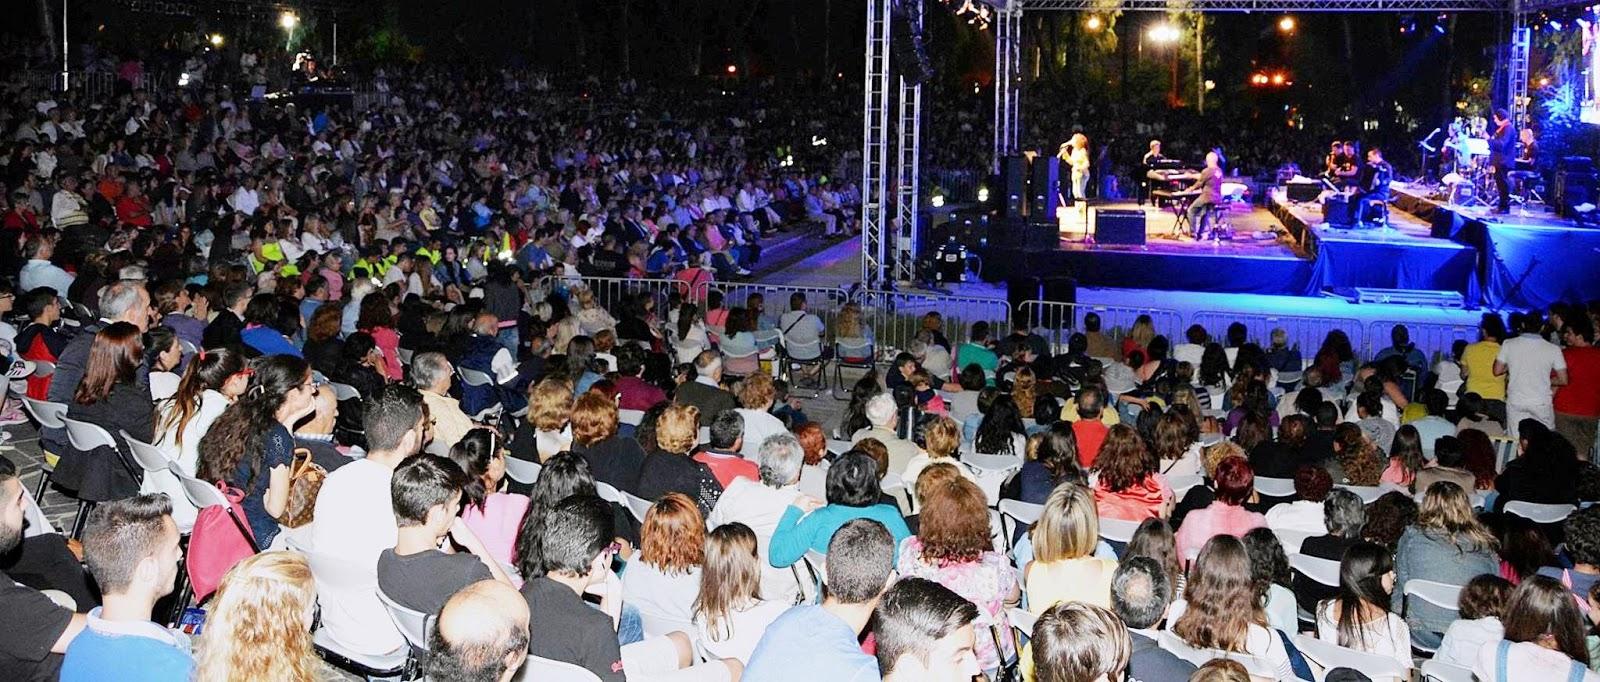 Στο πλαίσιο των καλοκαιρινών εκδηλώσεων του Δήμου Περιστερίου  διοργανώνονται μεγάλες συναυλίες 332cb840656